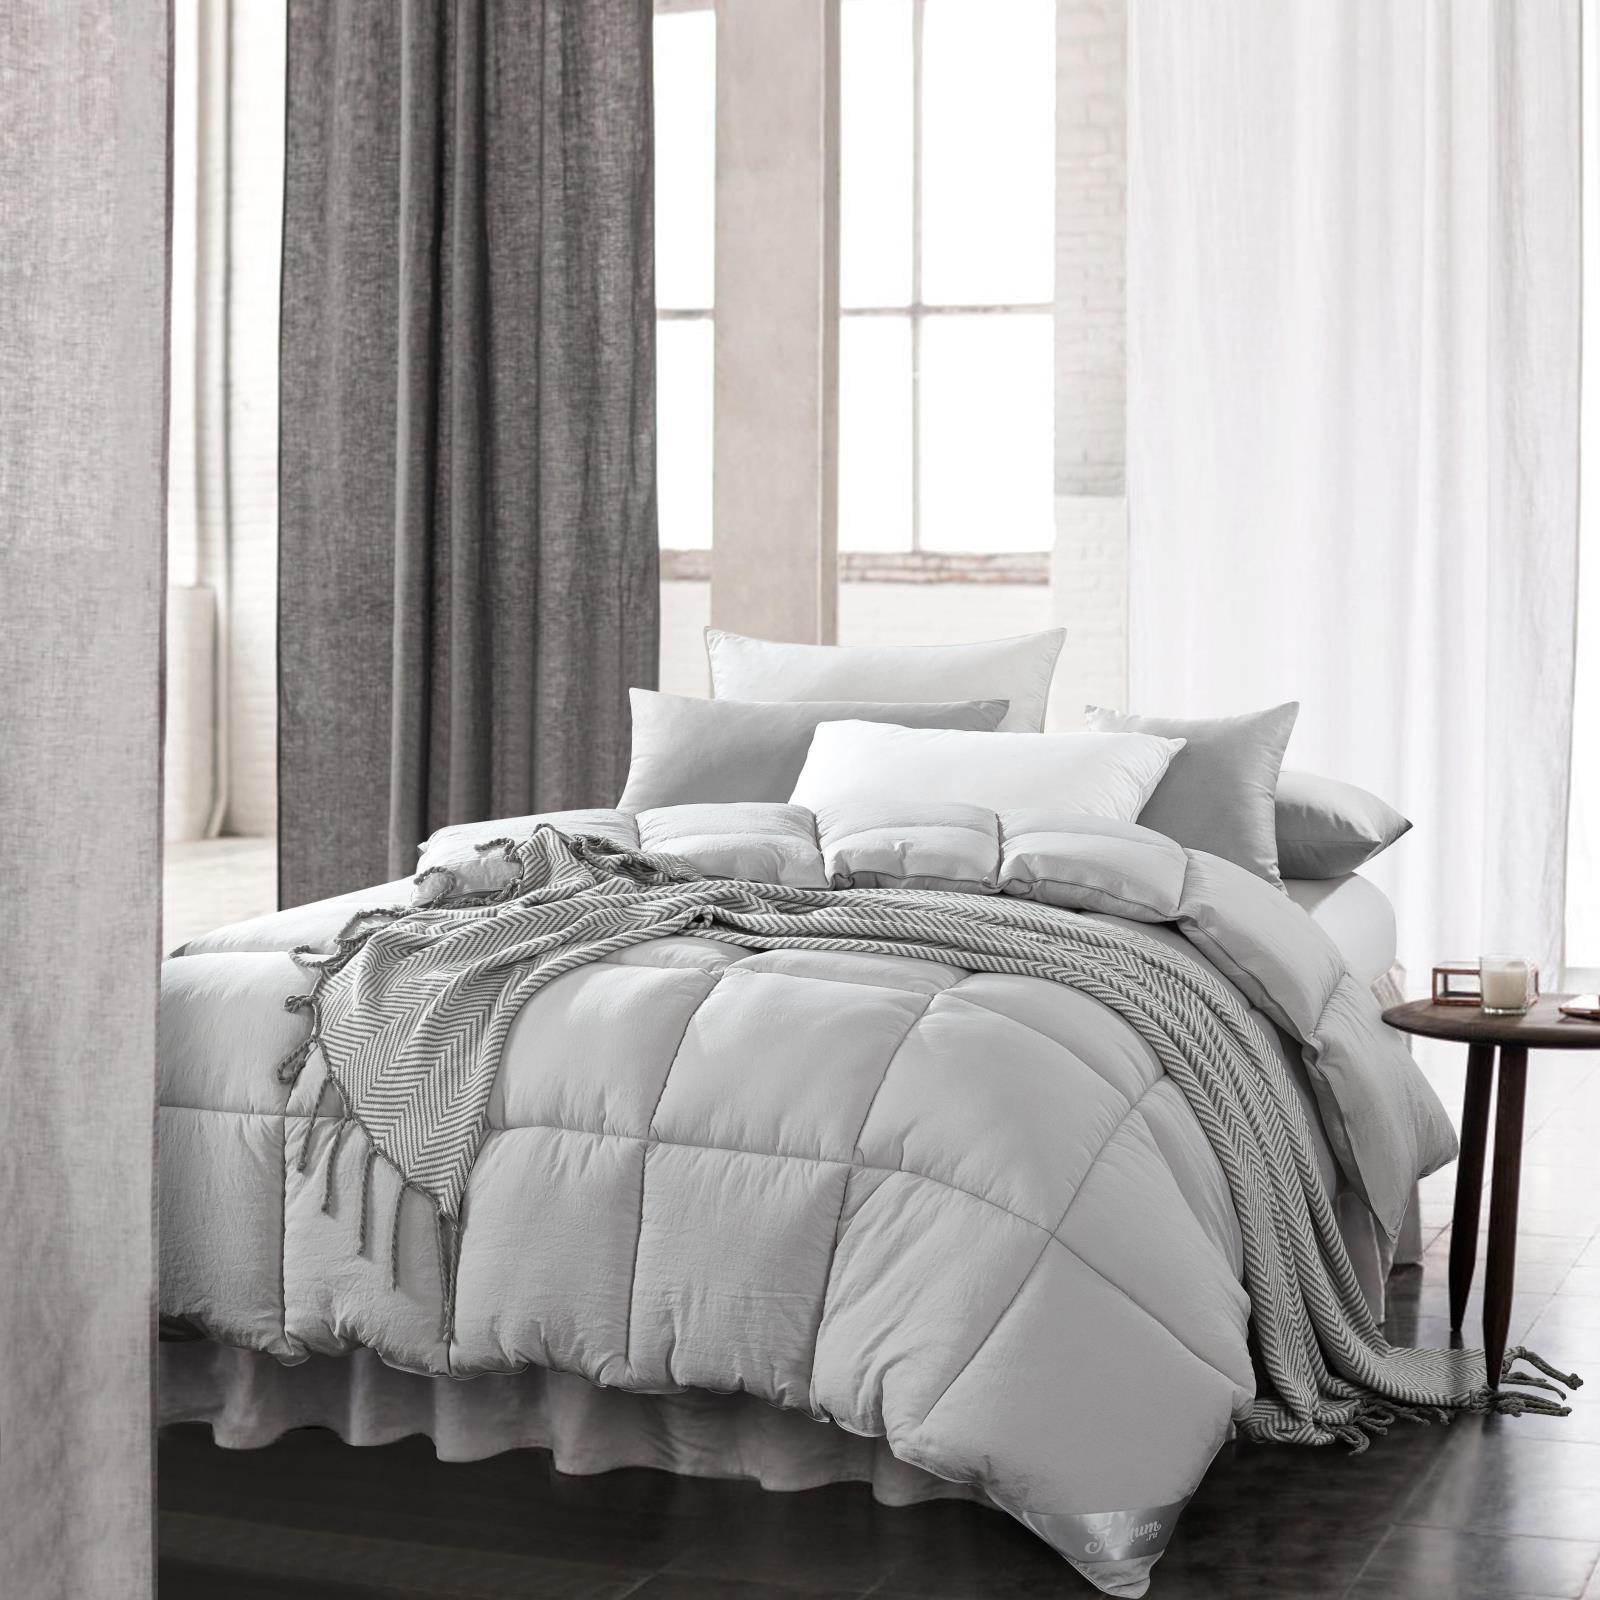 Rửa bông mùa đông ấm áp 1.5 m 2.0 m dày chăn đôi lõi mùa đông đôi mùa đông giường quilt